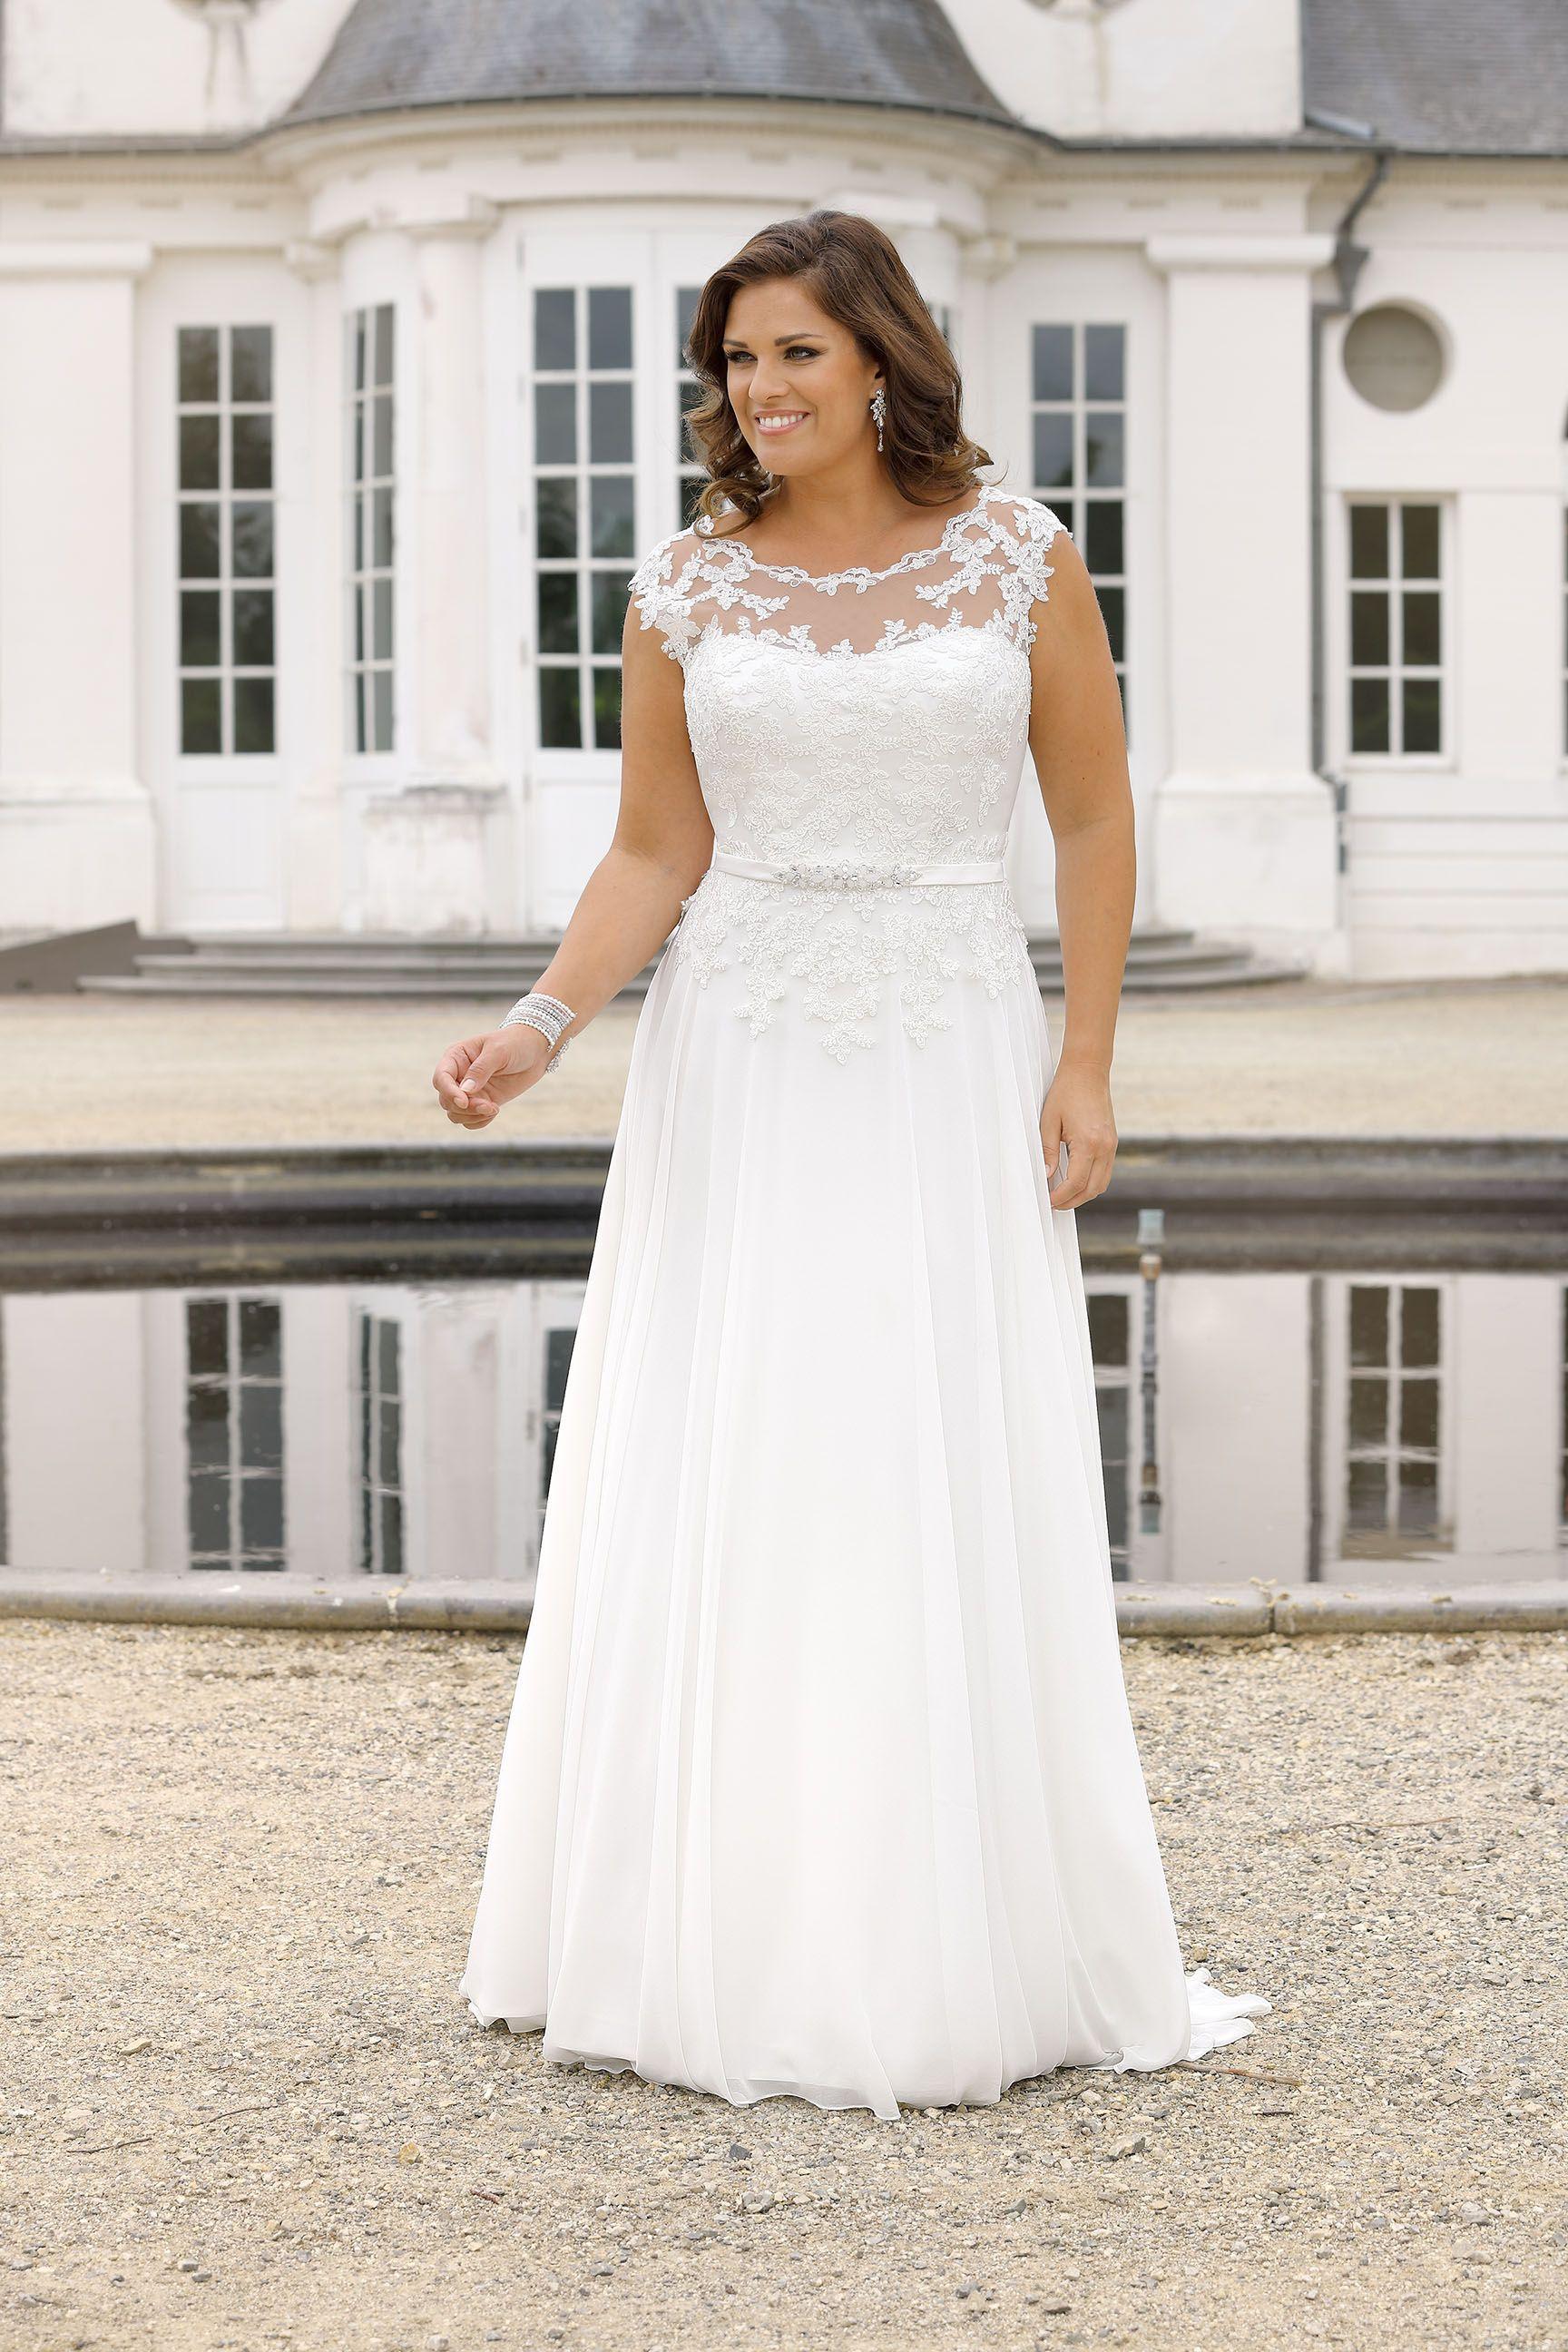 LS718011 - Ladybird Bruidsmode PlusSize | Kleid für hochzeit ...